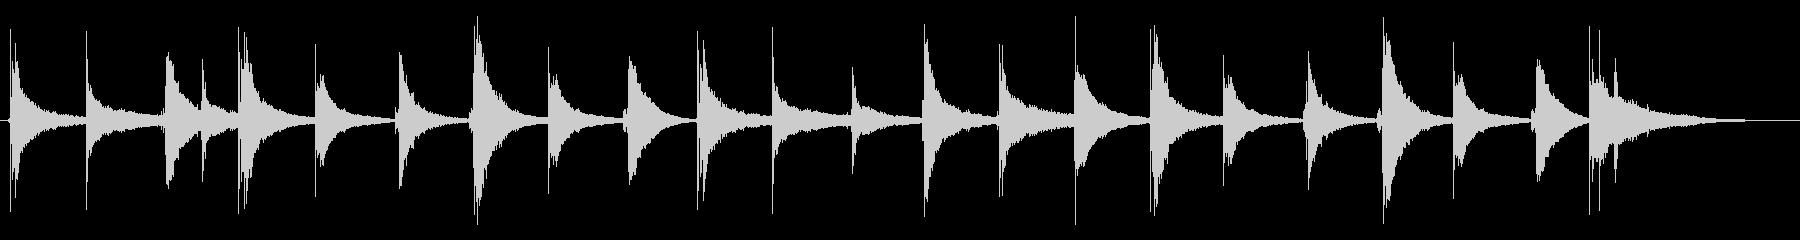 トイピアノ1の未再生の波形